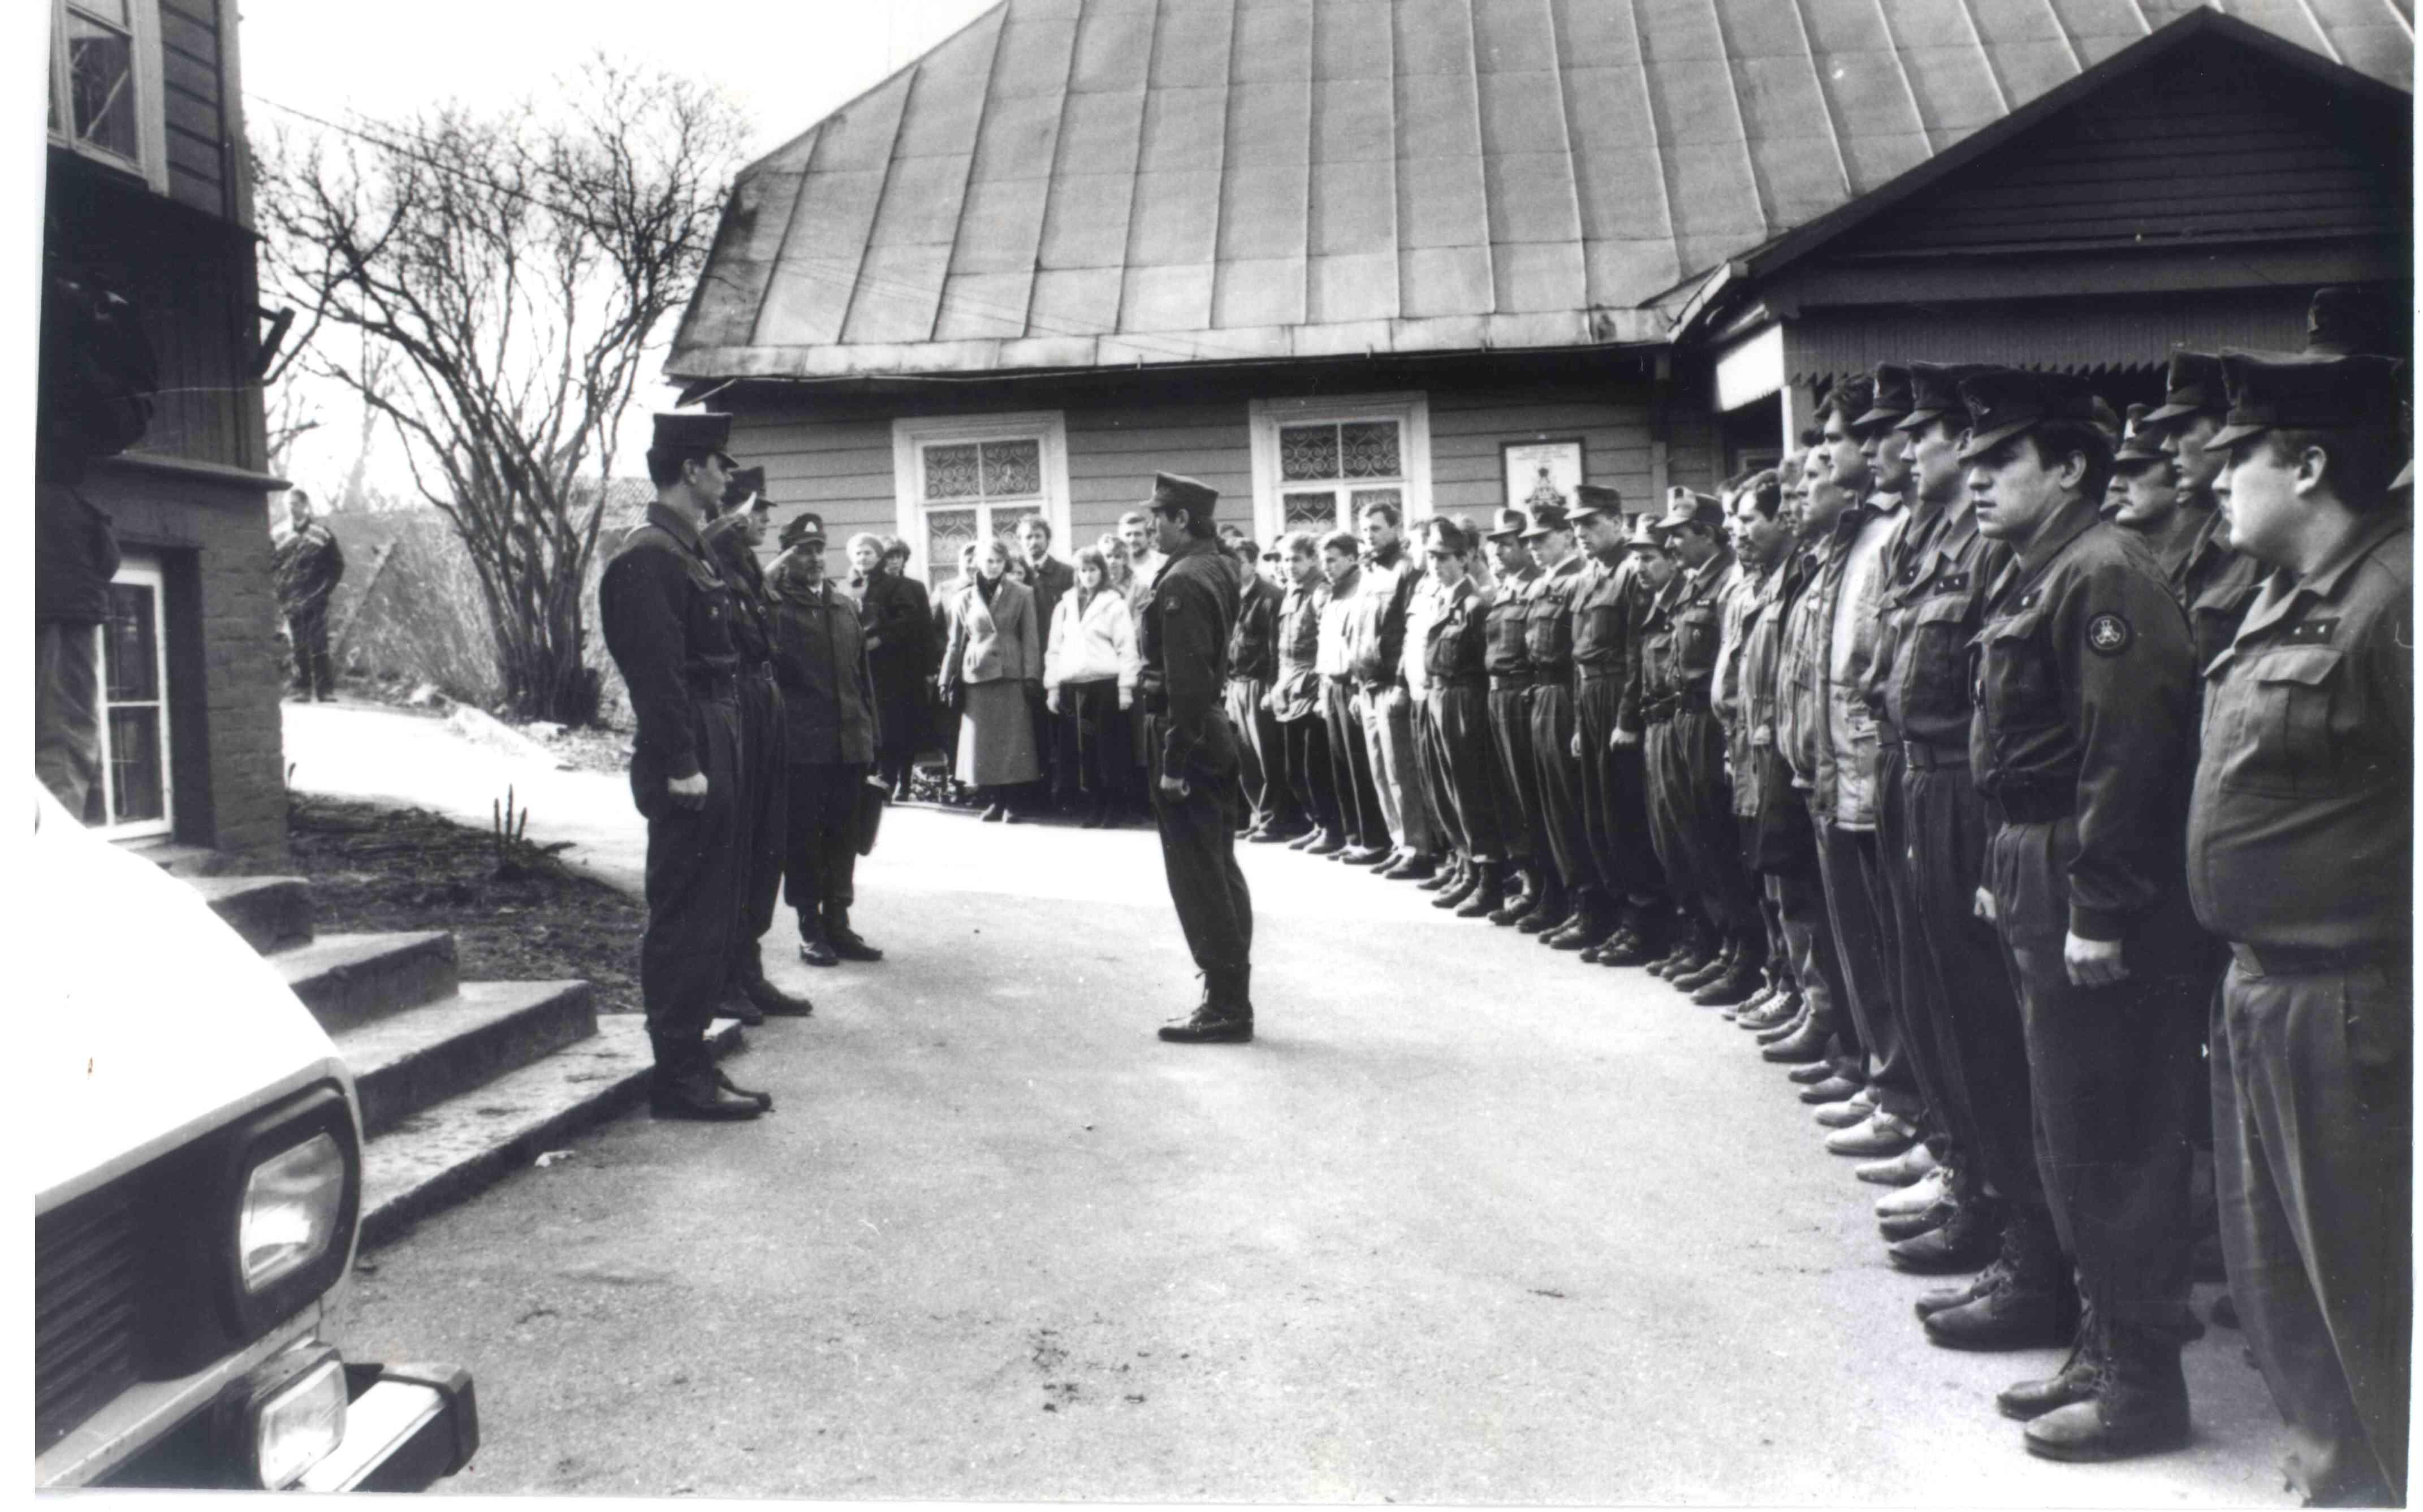 Elektrėniškių darbai nepriklausomos Lietuvos gynybai